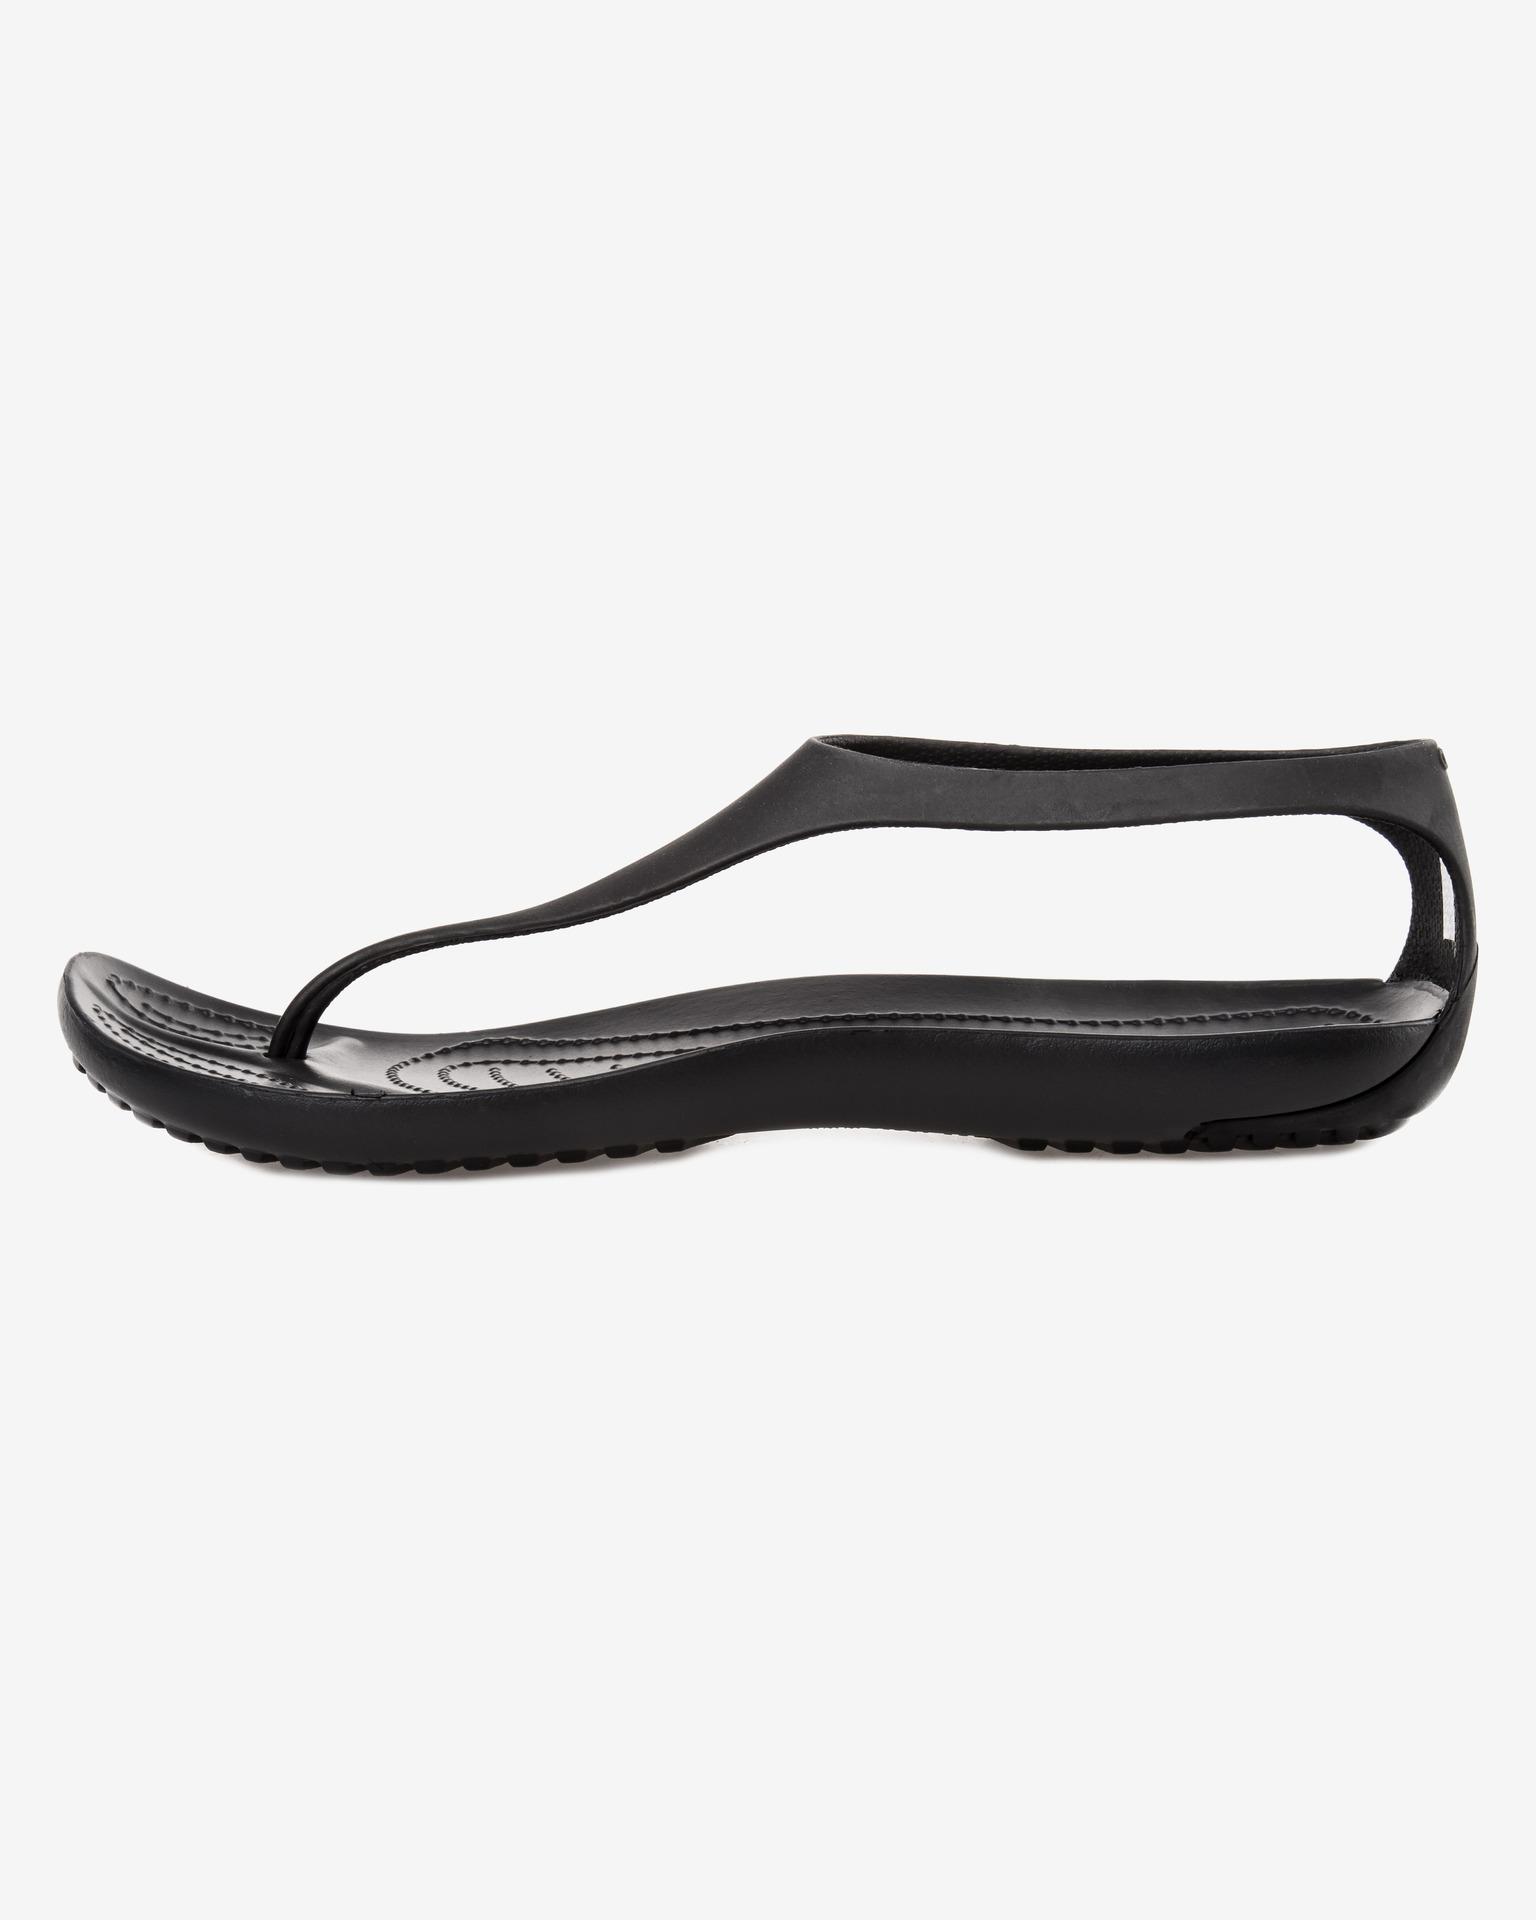 Crocs - Sexi Flip Žabky  879da8ca40